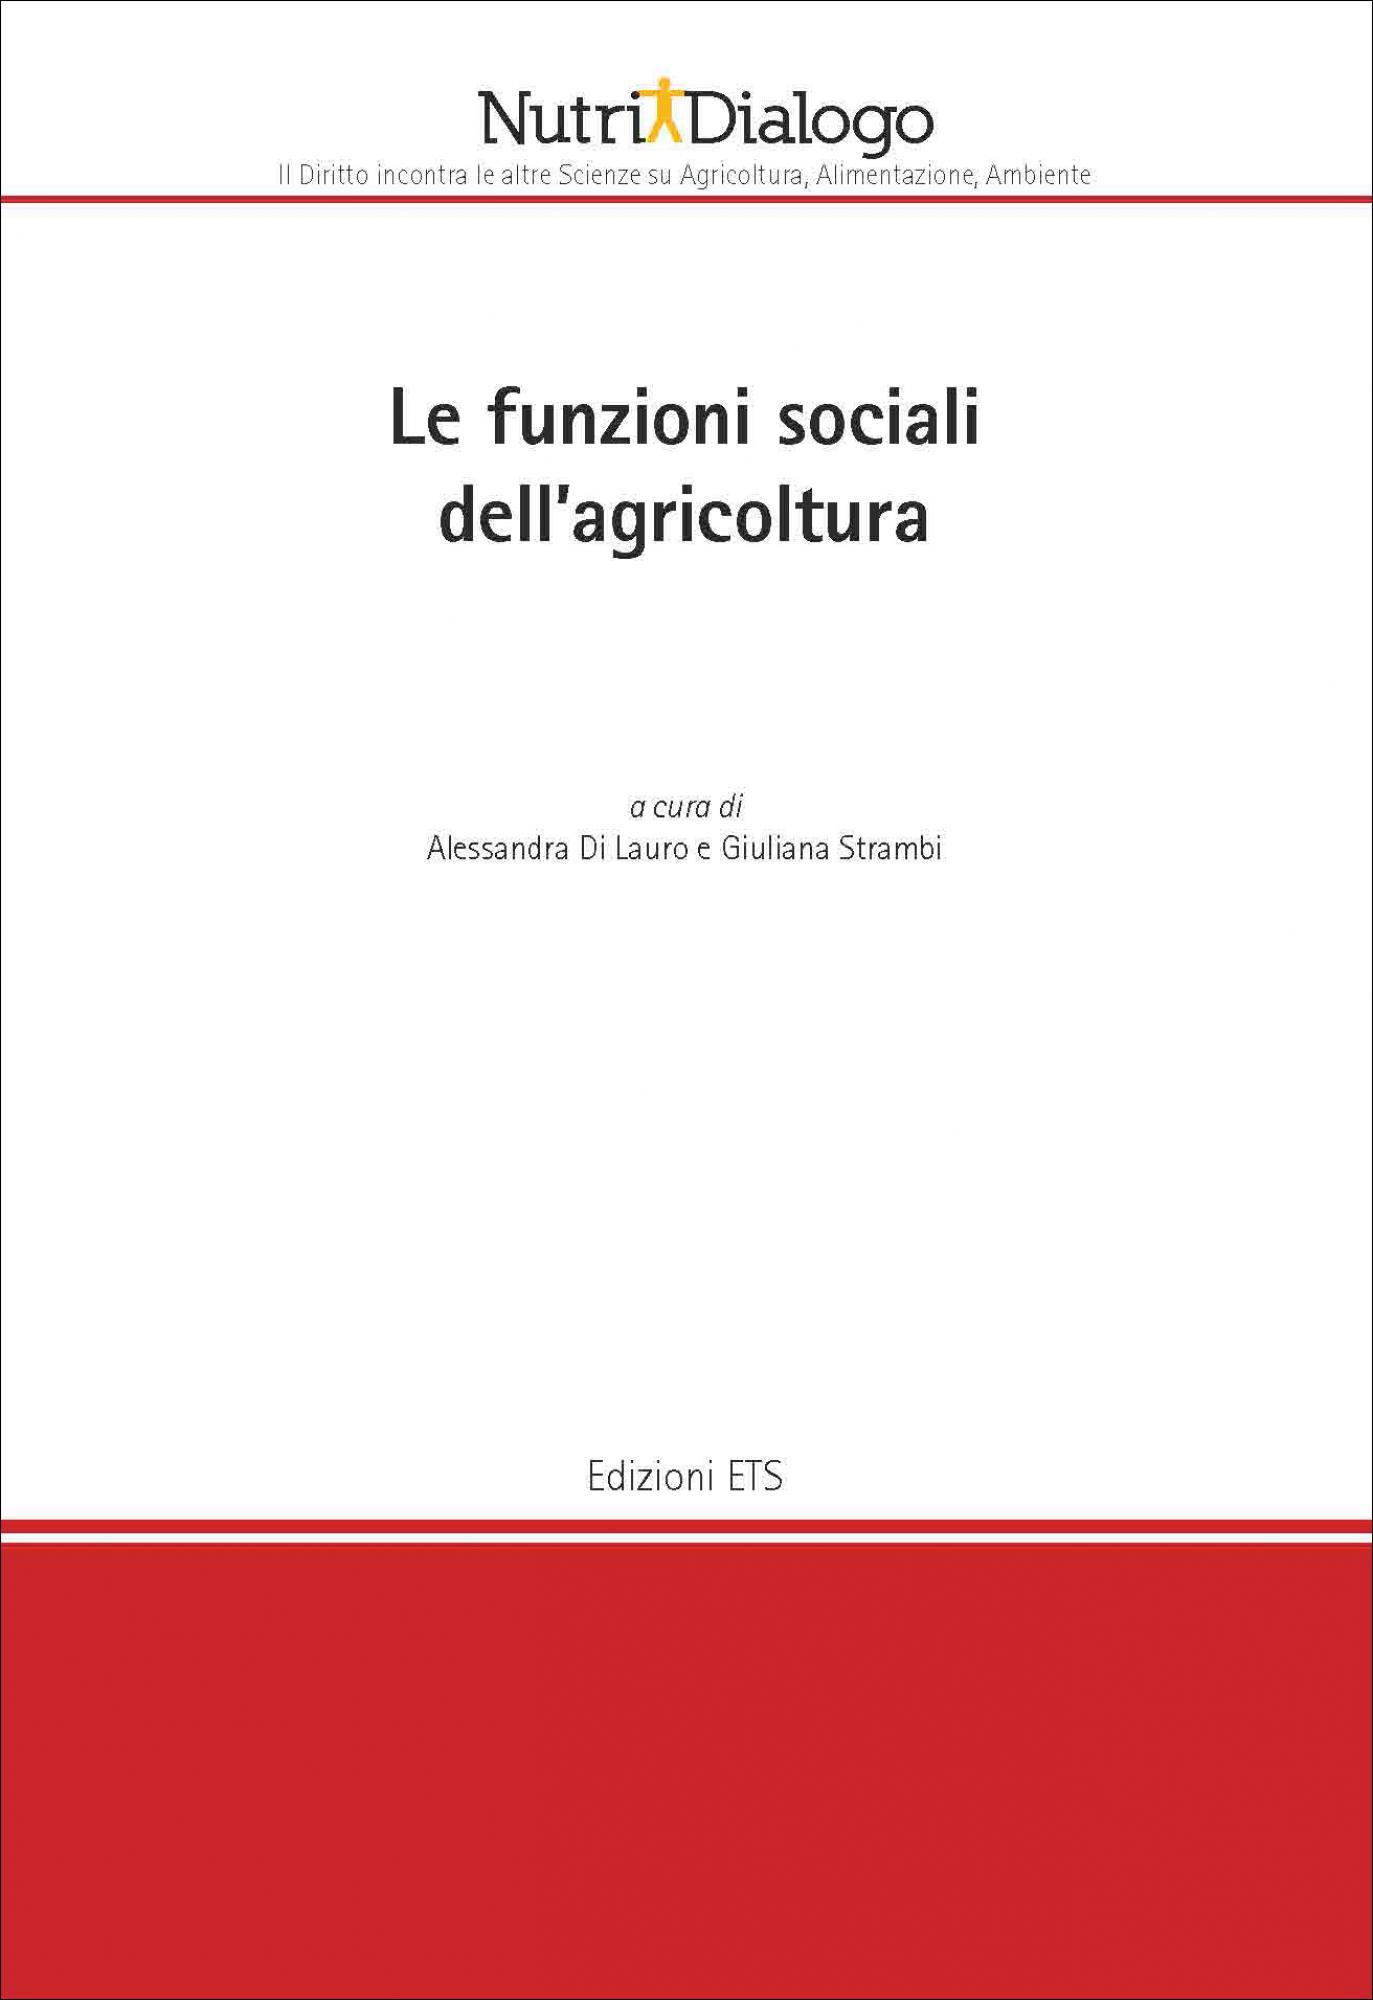 Le funzioni socialidell'agricoltura